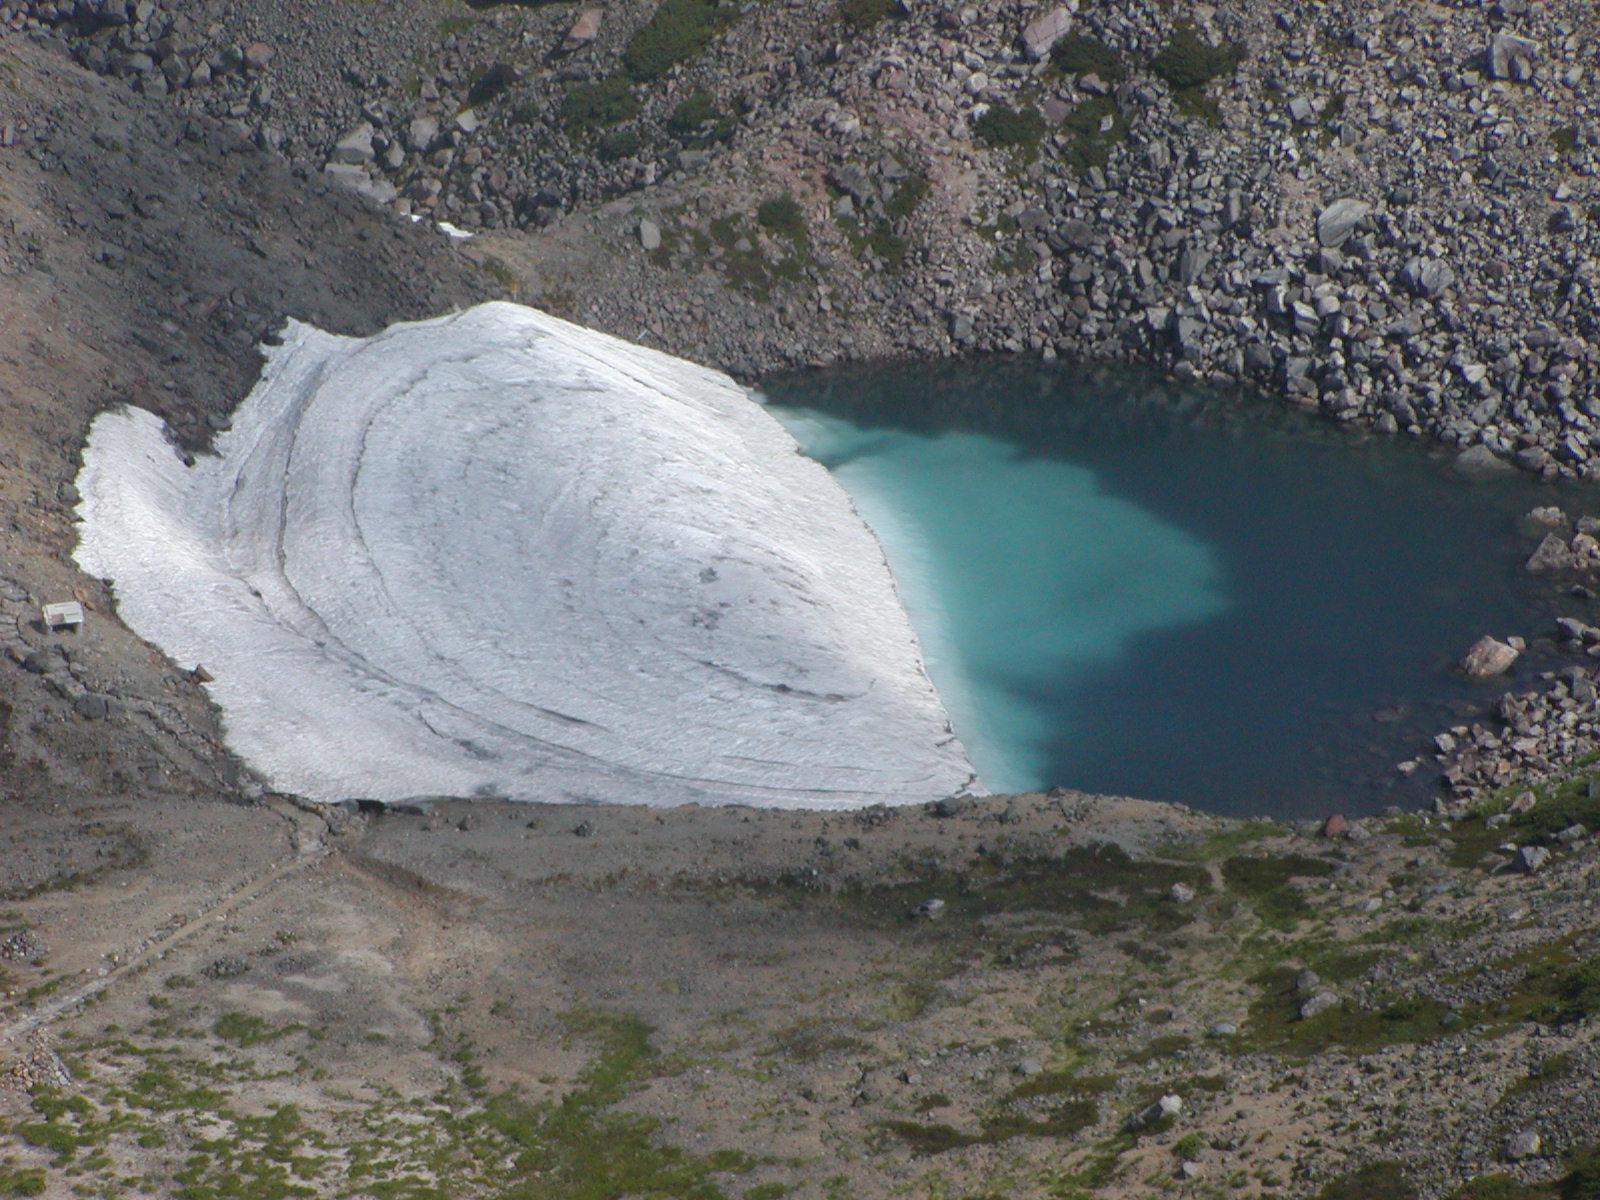 エメラルド色の火口湖